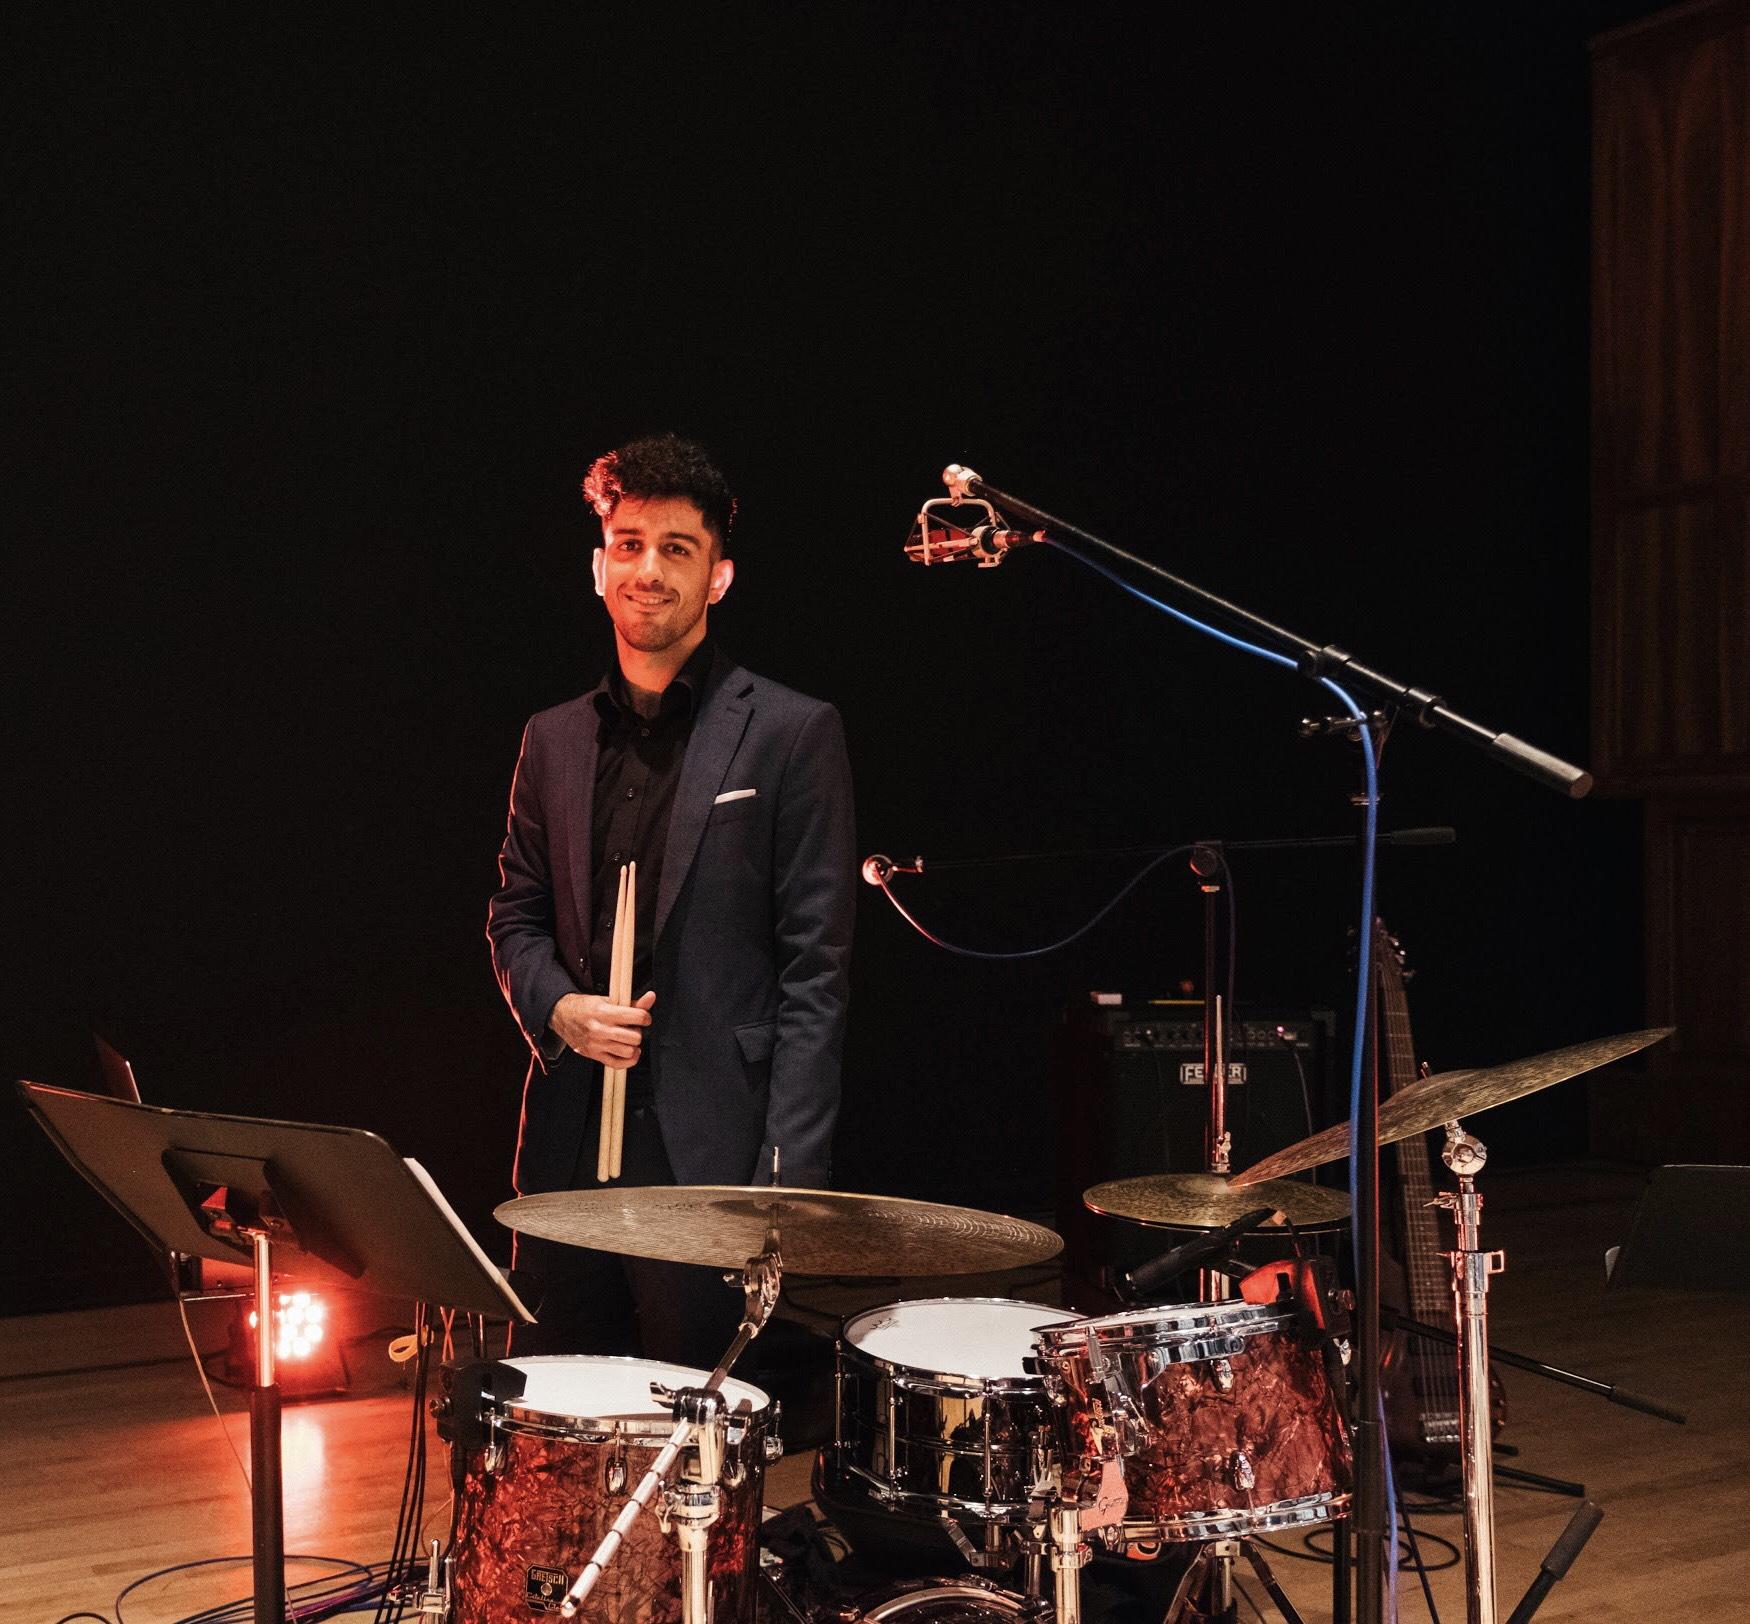 Drums & Piano Teacher Koosha Hakimi